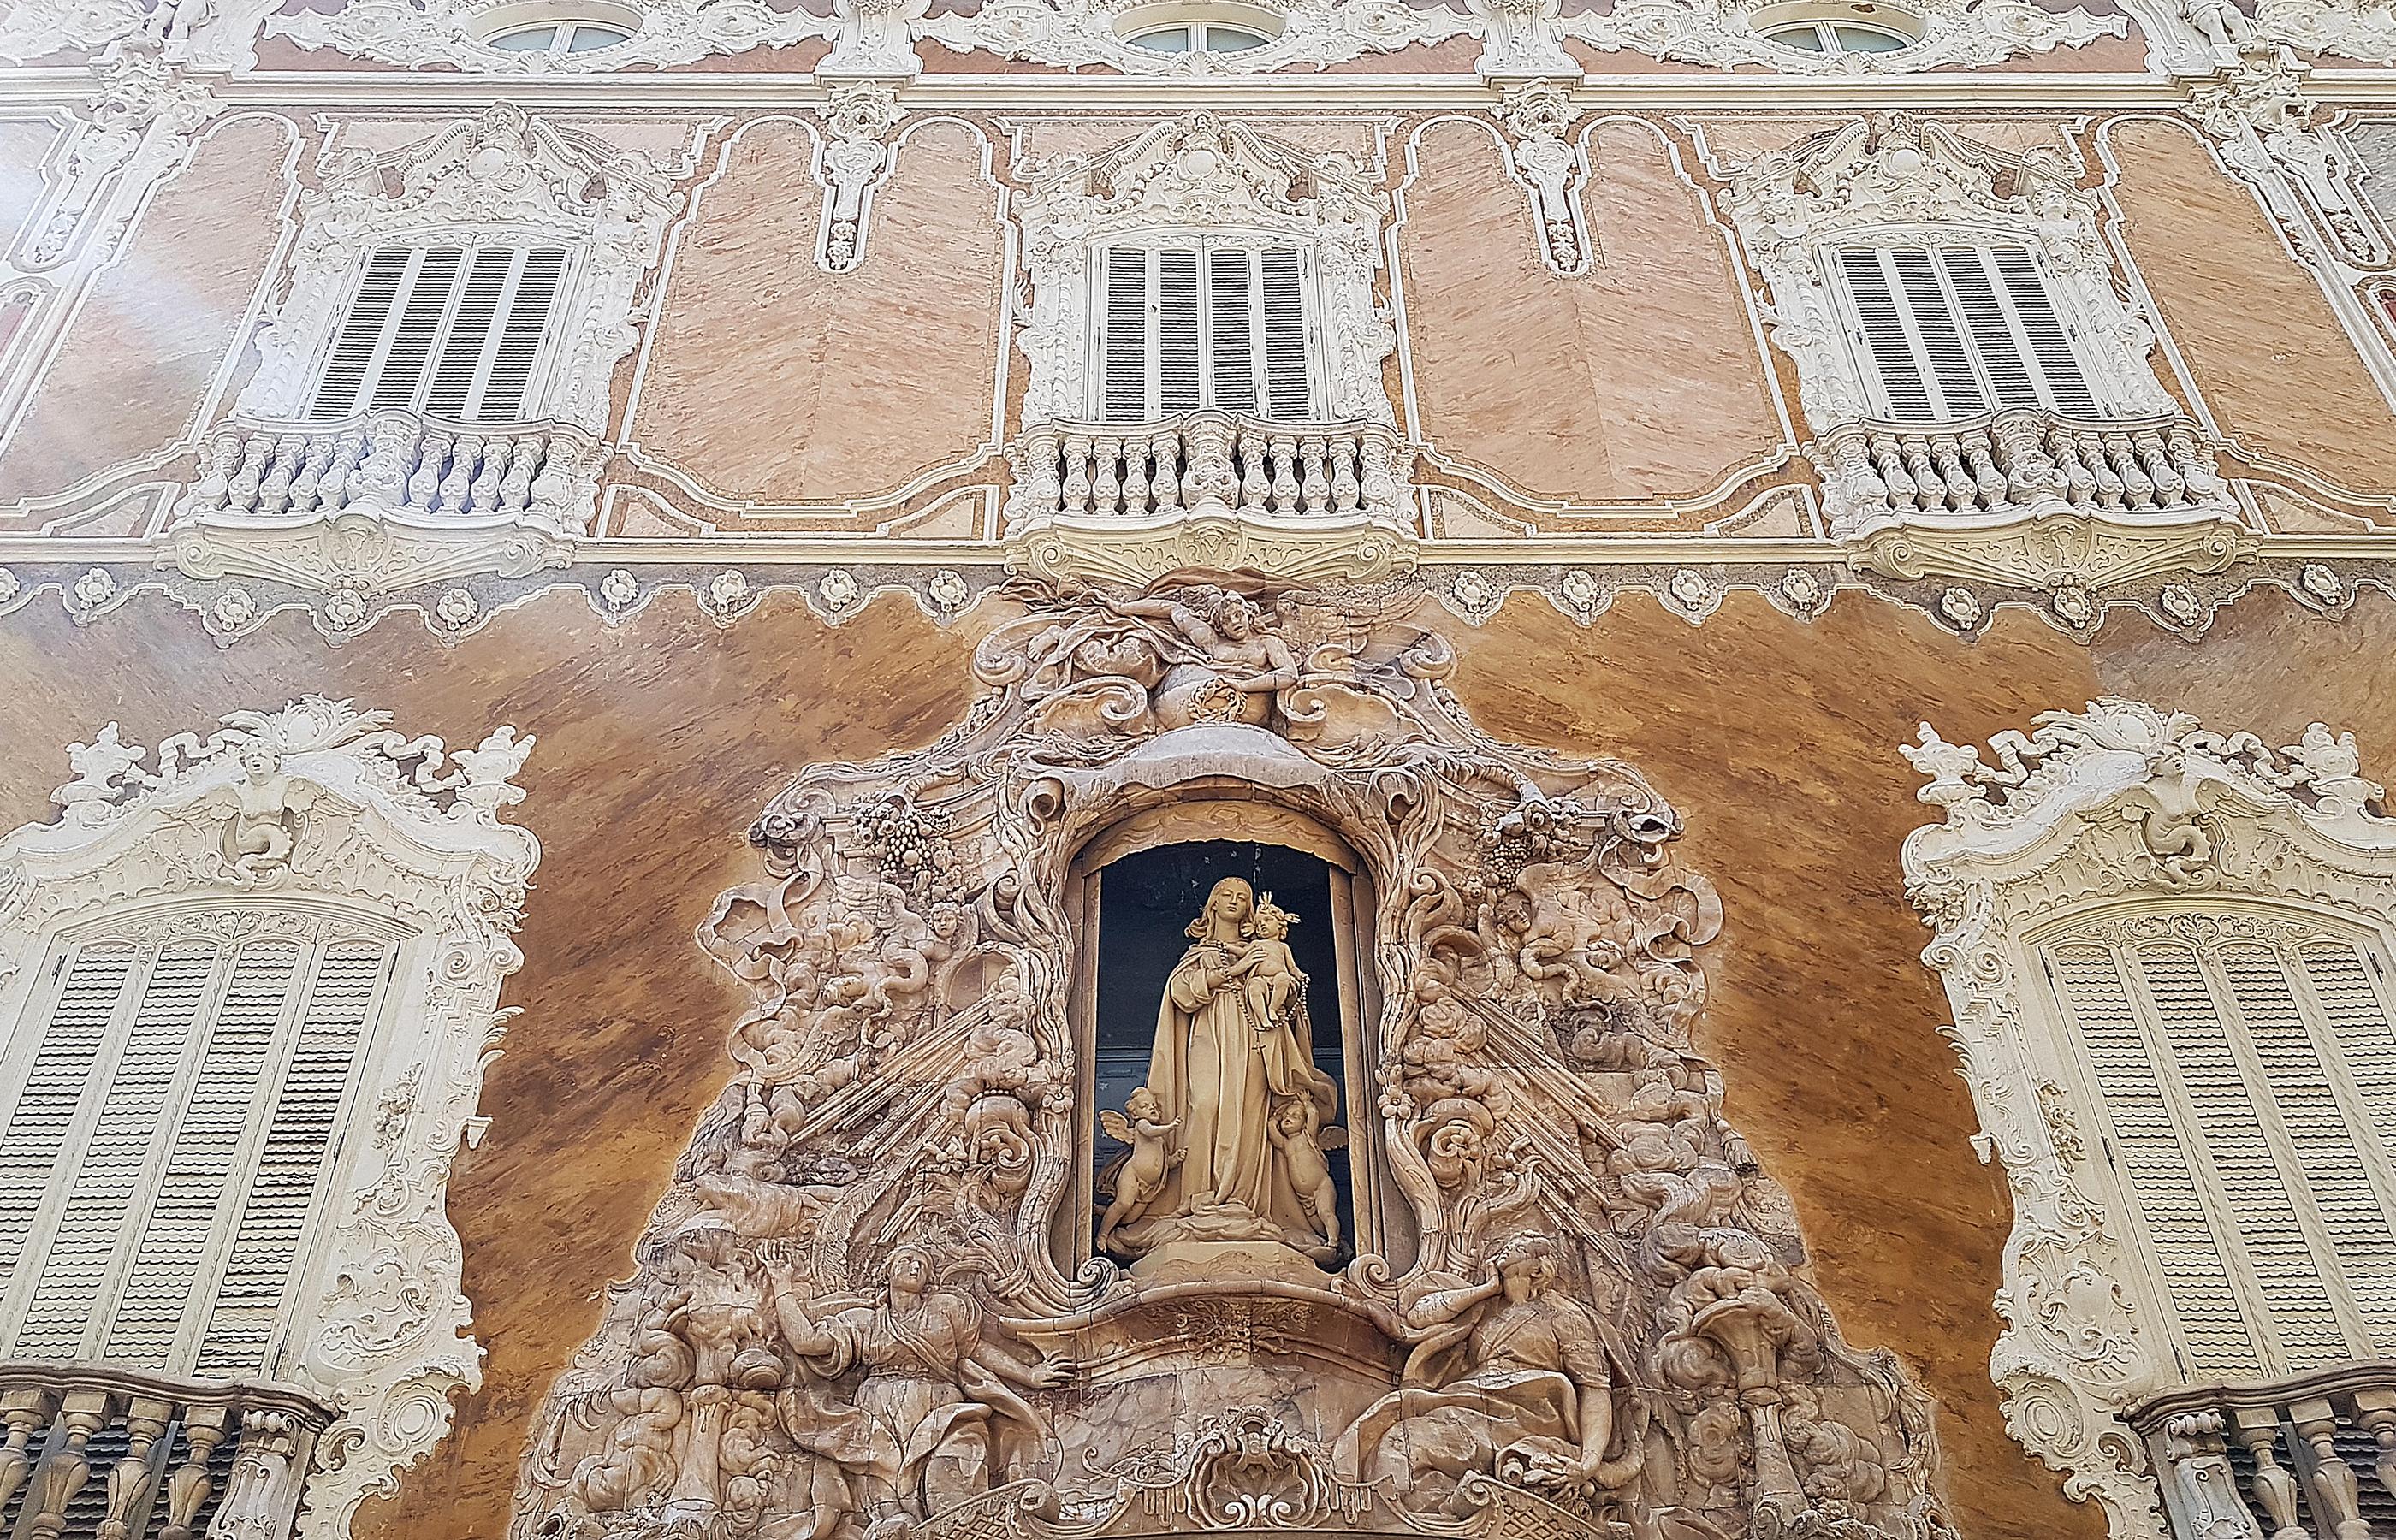 Главный фасад здания украшен великолепным барельефом из алебастра